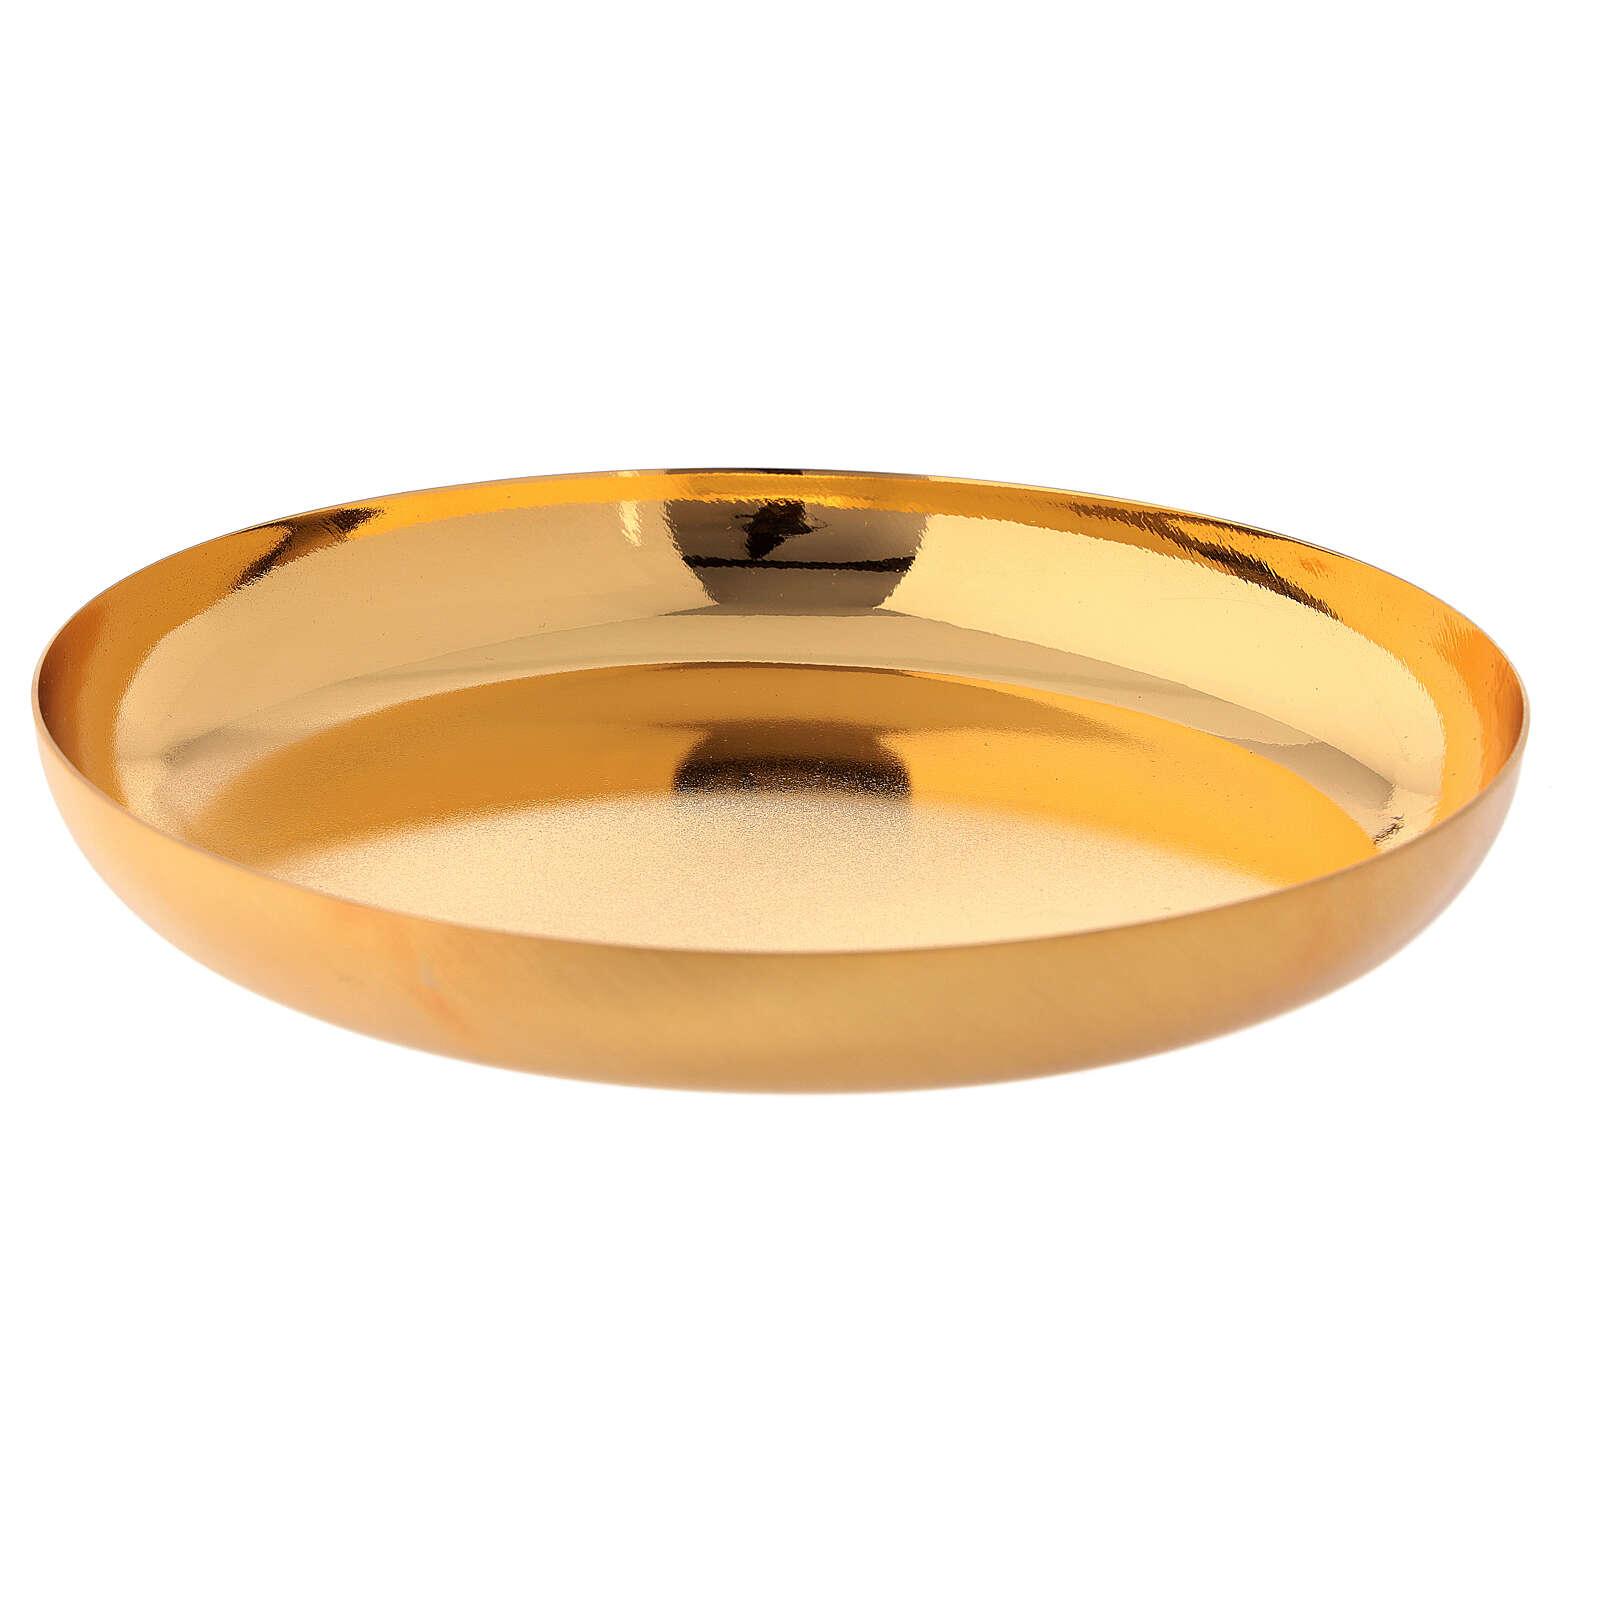 Patène laiton doré brillant assiette creuse 16 cm 4